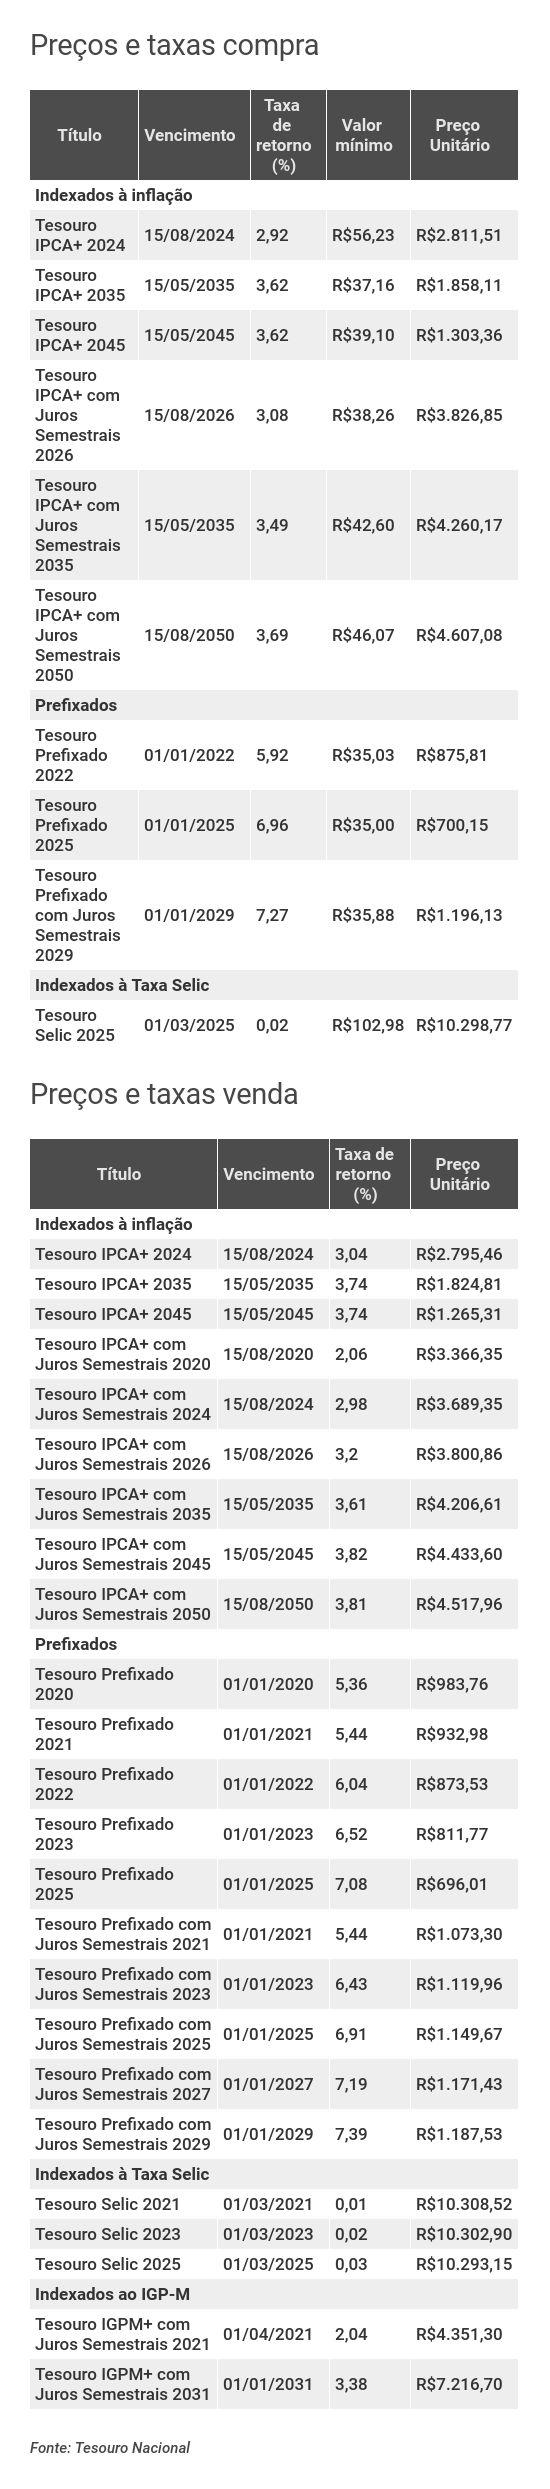 Preços e taxas do Tesouro Direto em 9 de setembro de 2019